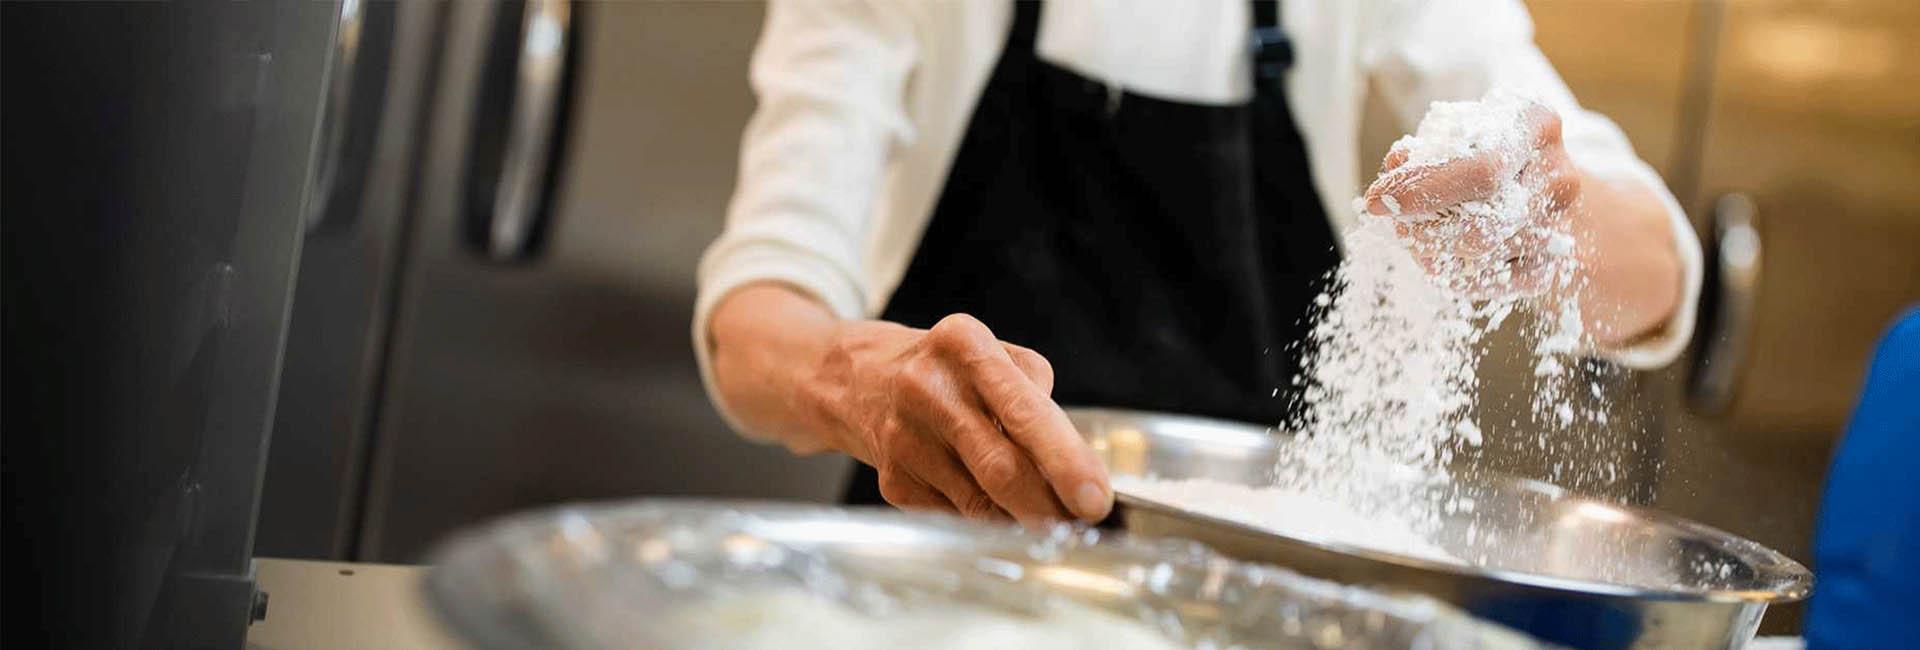 Lapiko Catering elabora conservas Ecoberri